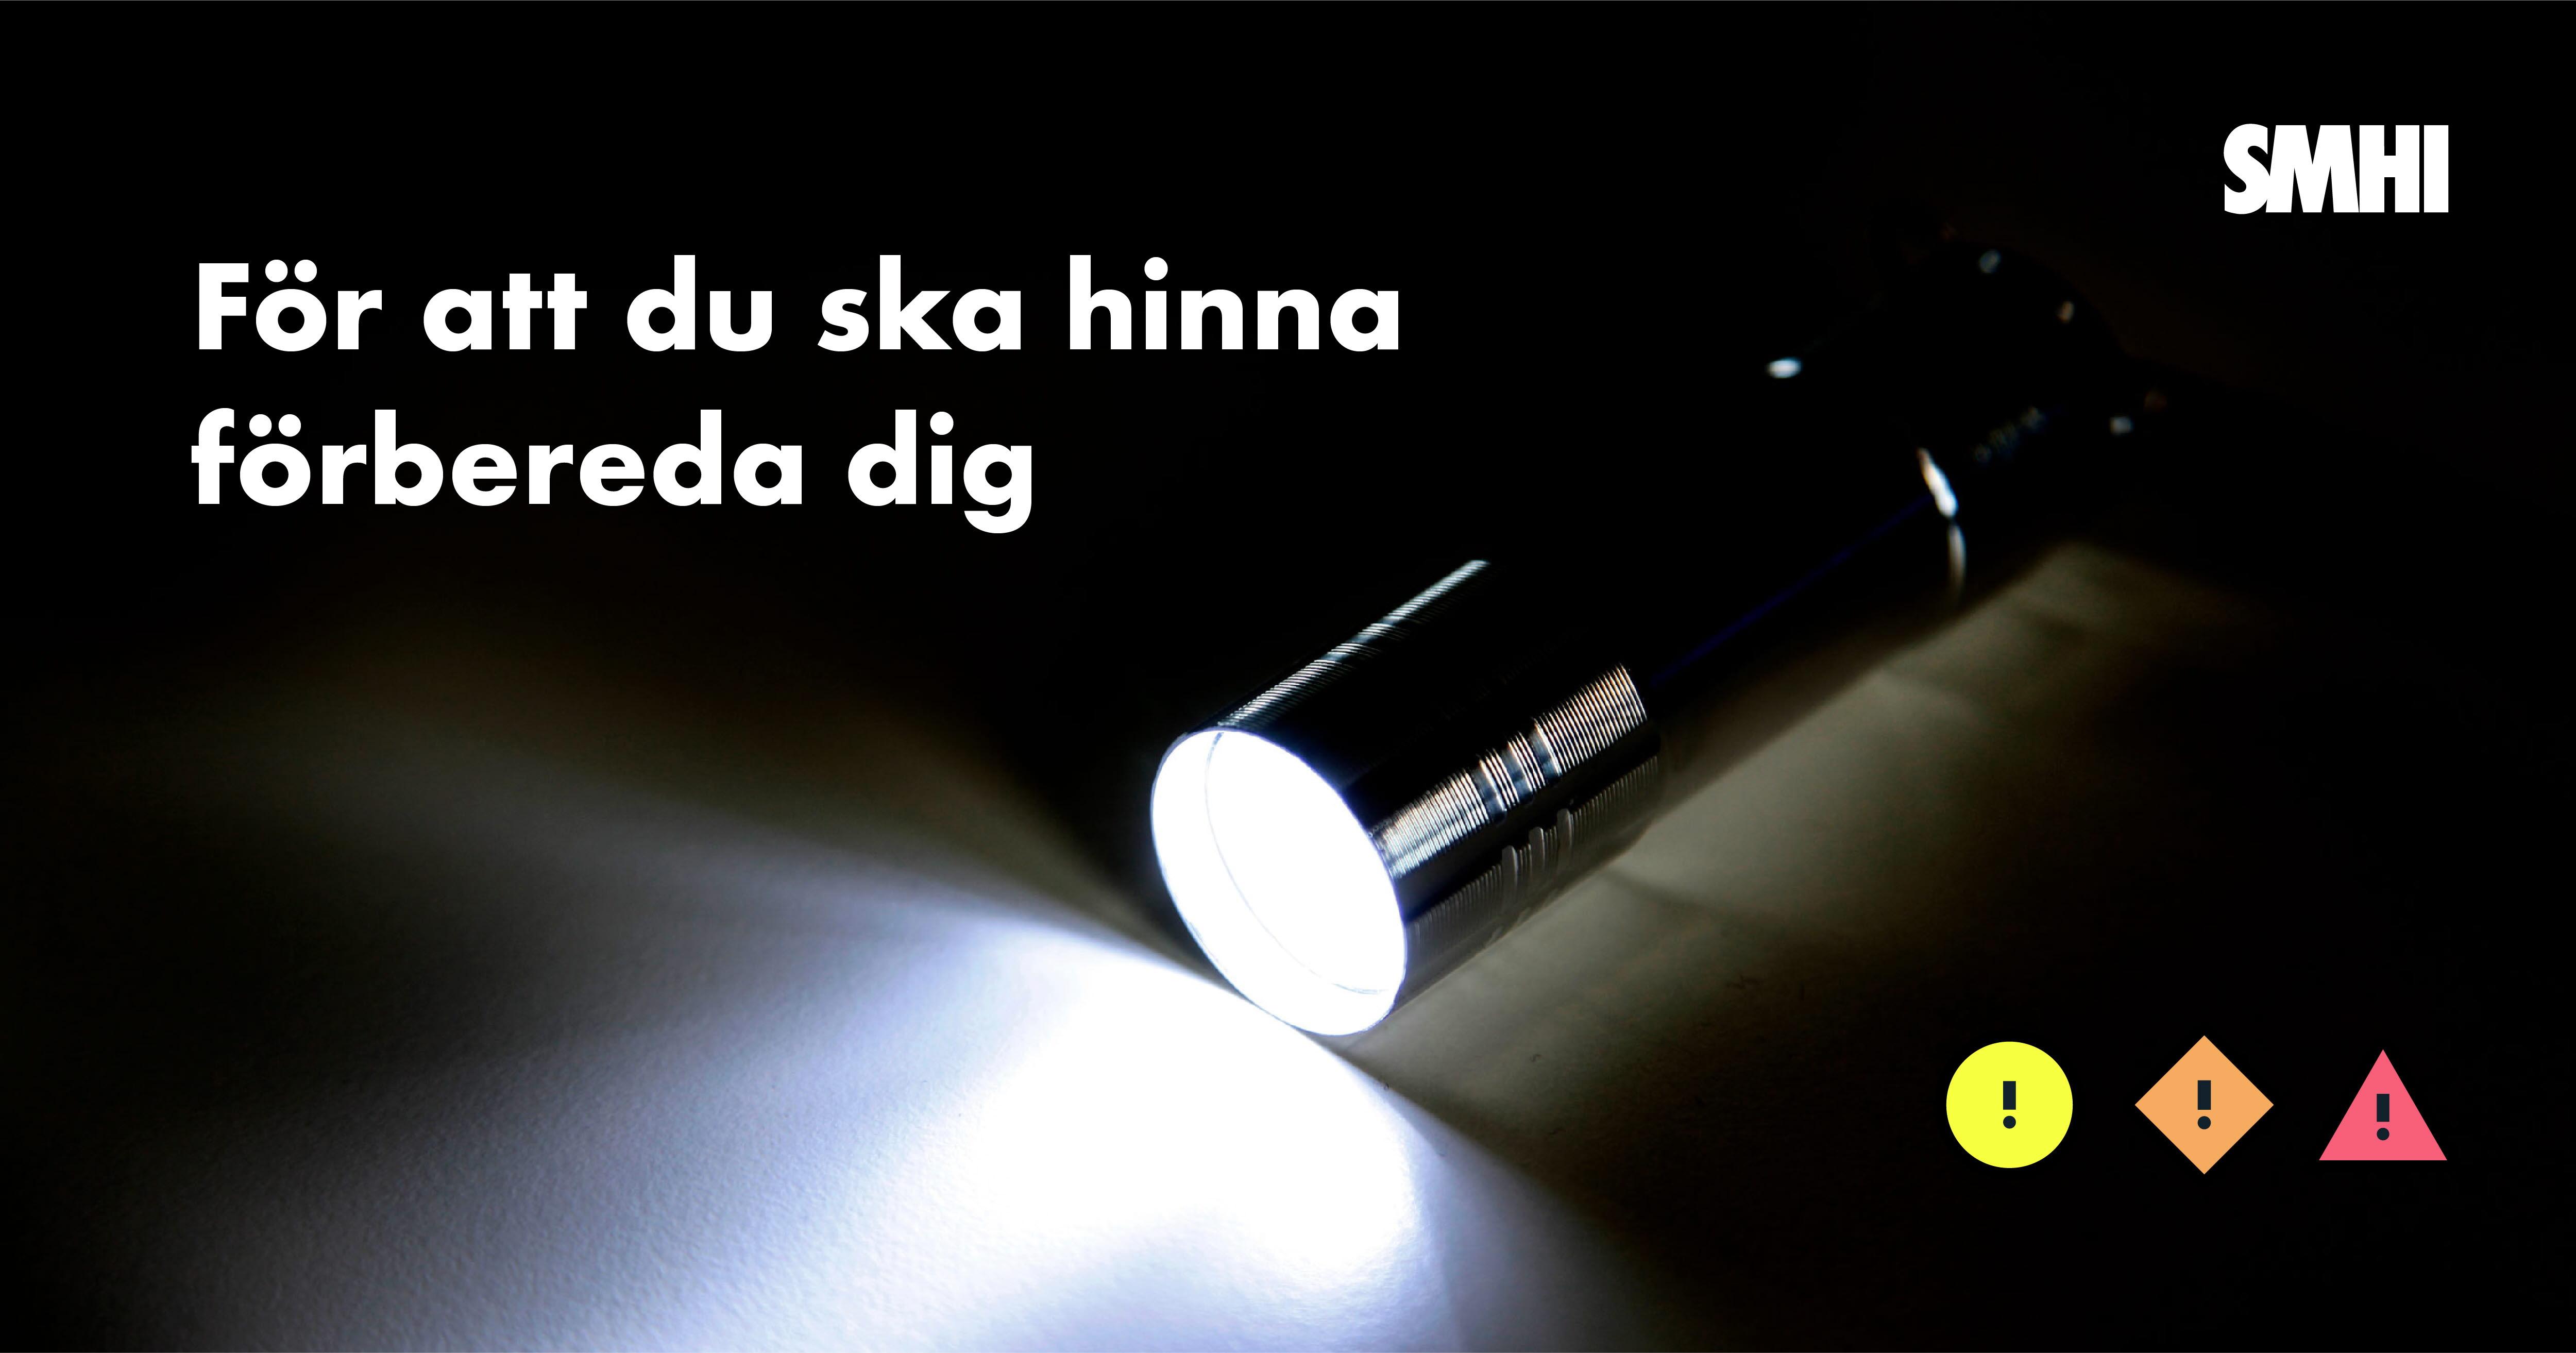 En ficklampa lyser i mörkret. Ovan står en text: För att du ska hinna förbereda dig.